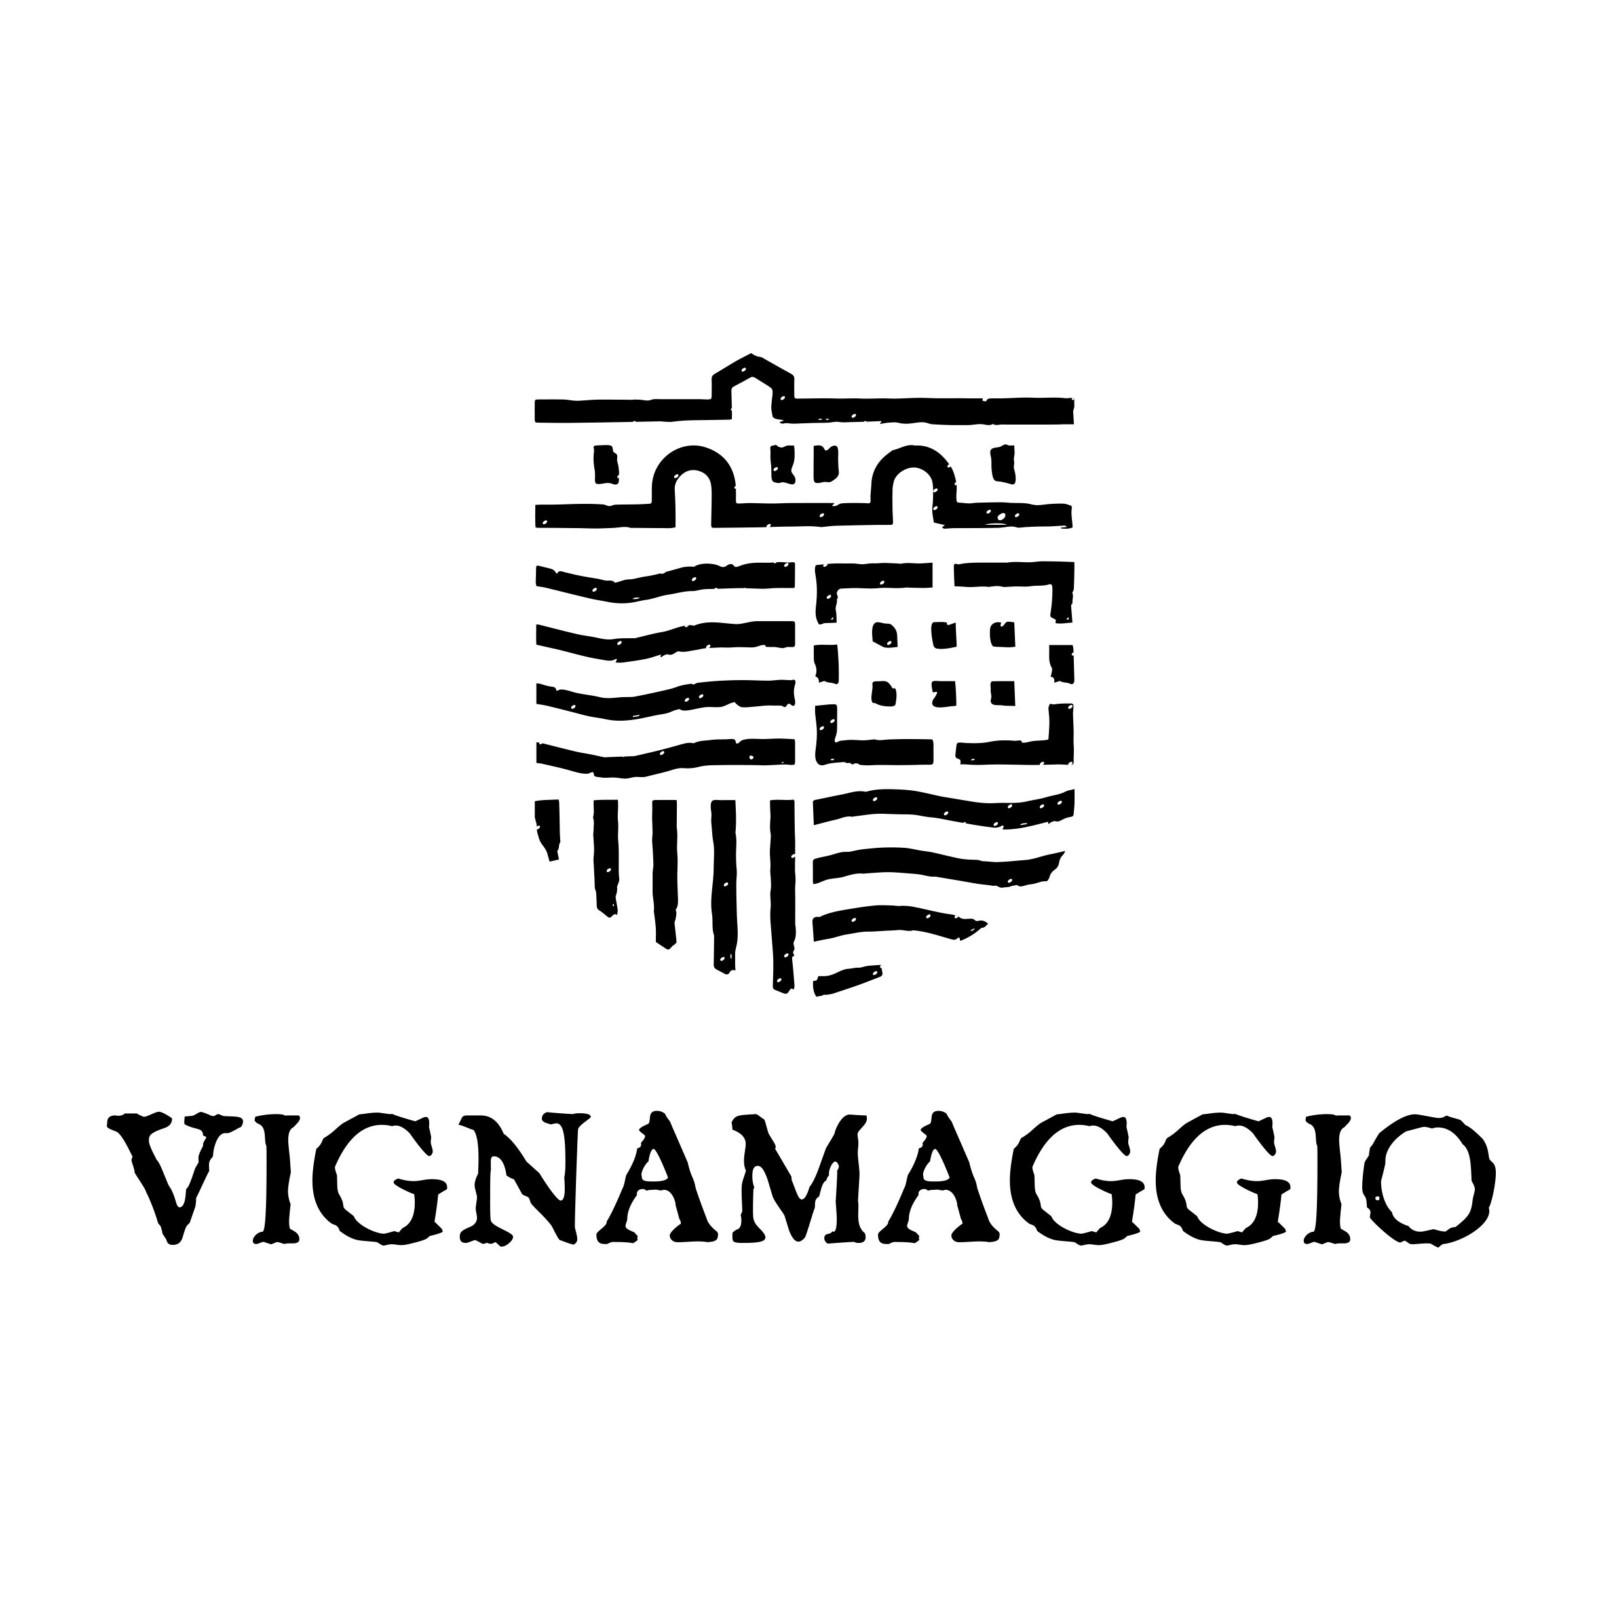 VILLA VIGNAMAGGIO SRL